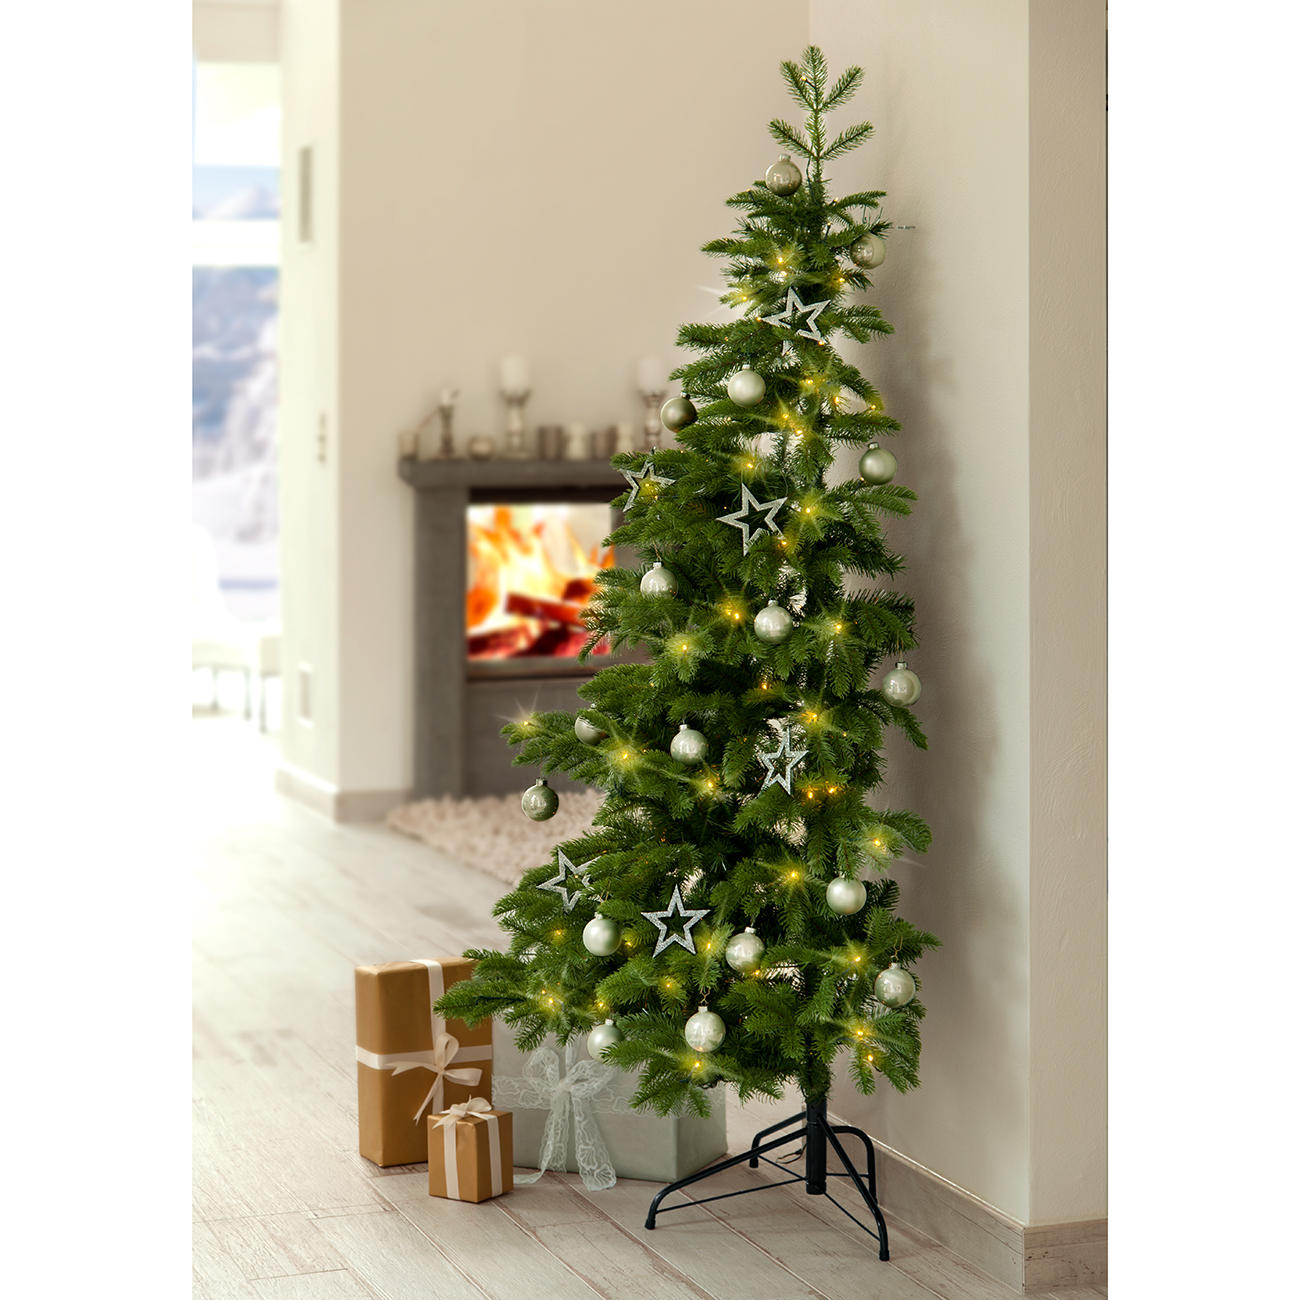 halve kerstboom 3 jaar productgarantie pro idee. Black Bedroom Furniture Sets. Home Design Ideas